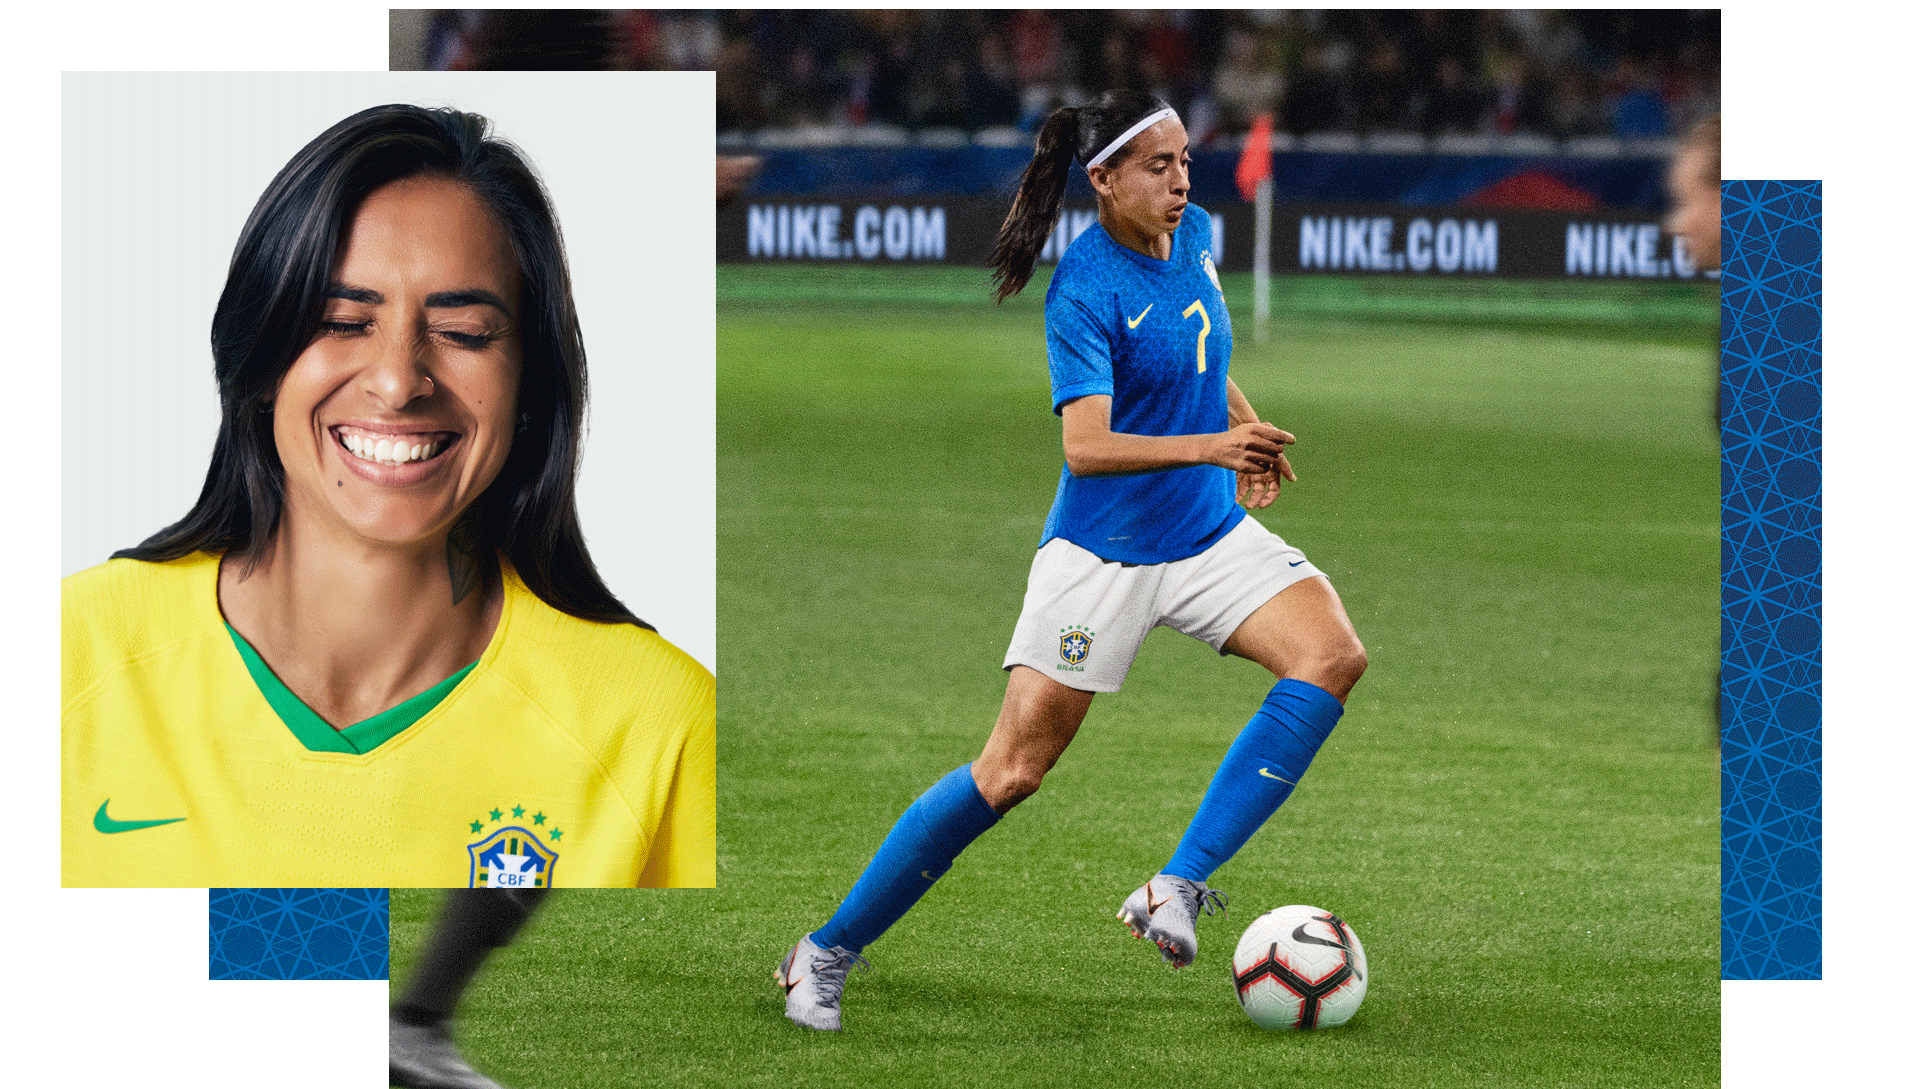 db6f6ed5e7266 Andressa Alvesová z ženského národního týmu Brazílie. Nike.com CZ